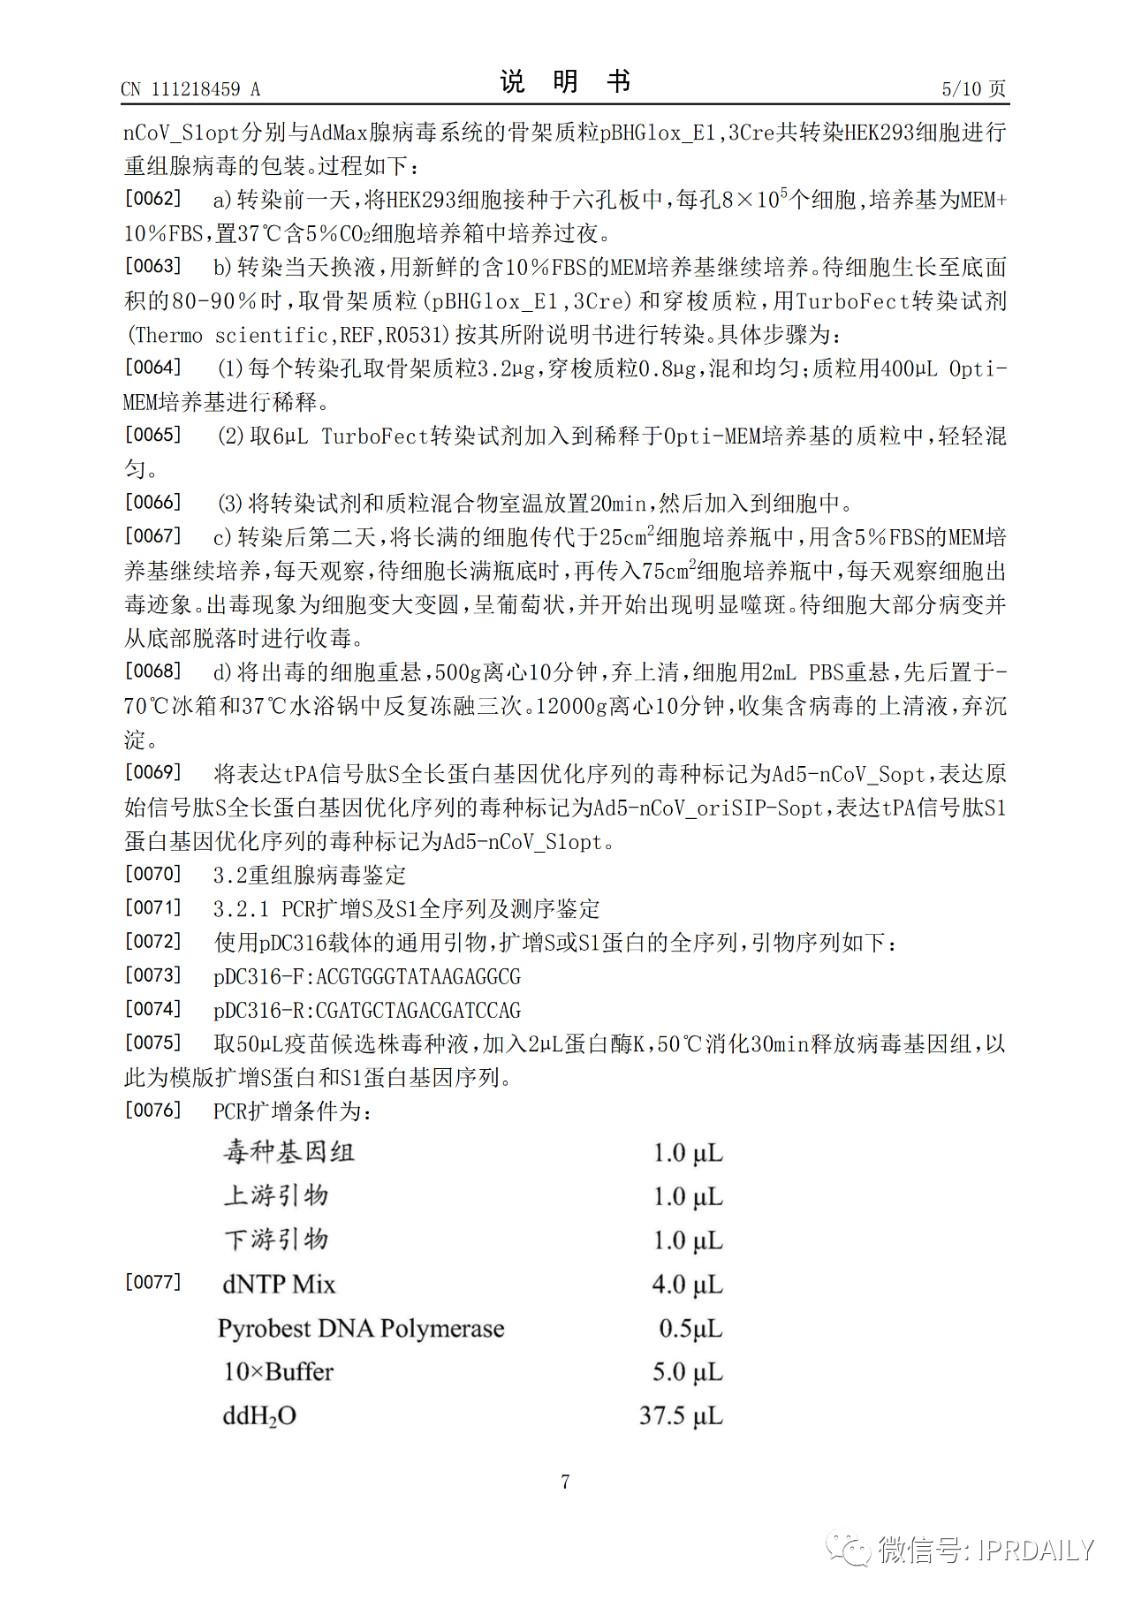 好消息!陈薇团队获得国内首个新冠疫苗专利!